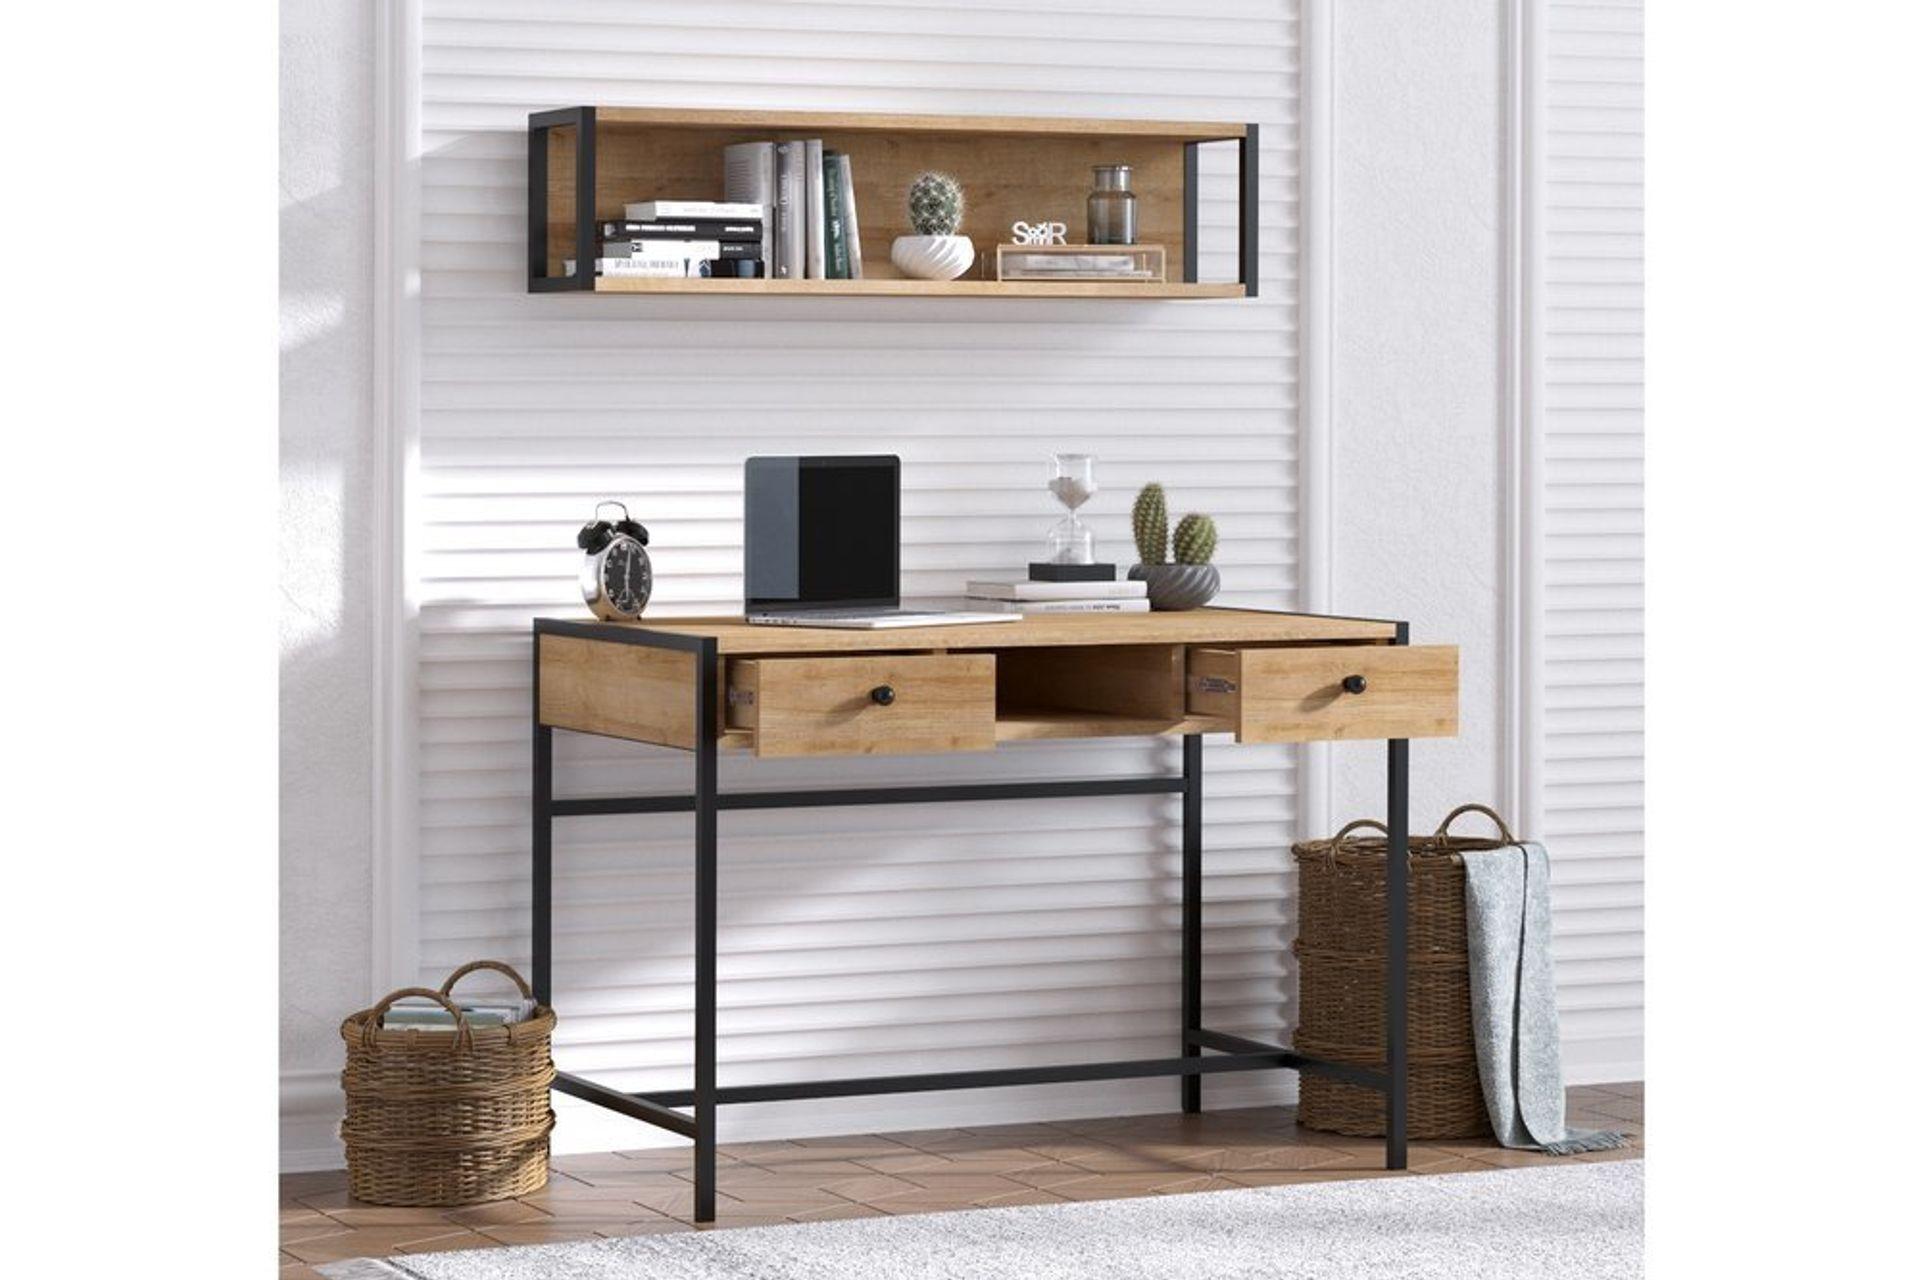 Freya Study Desk with Storage